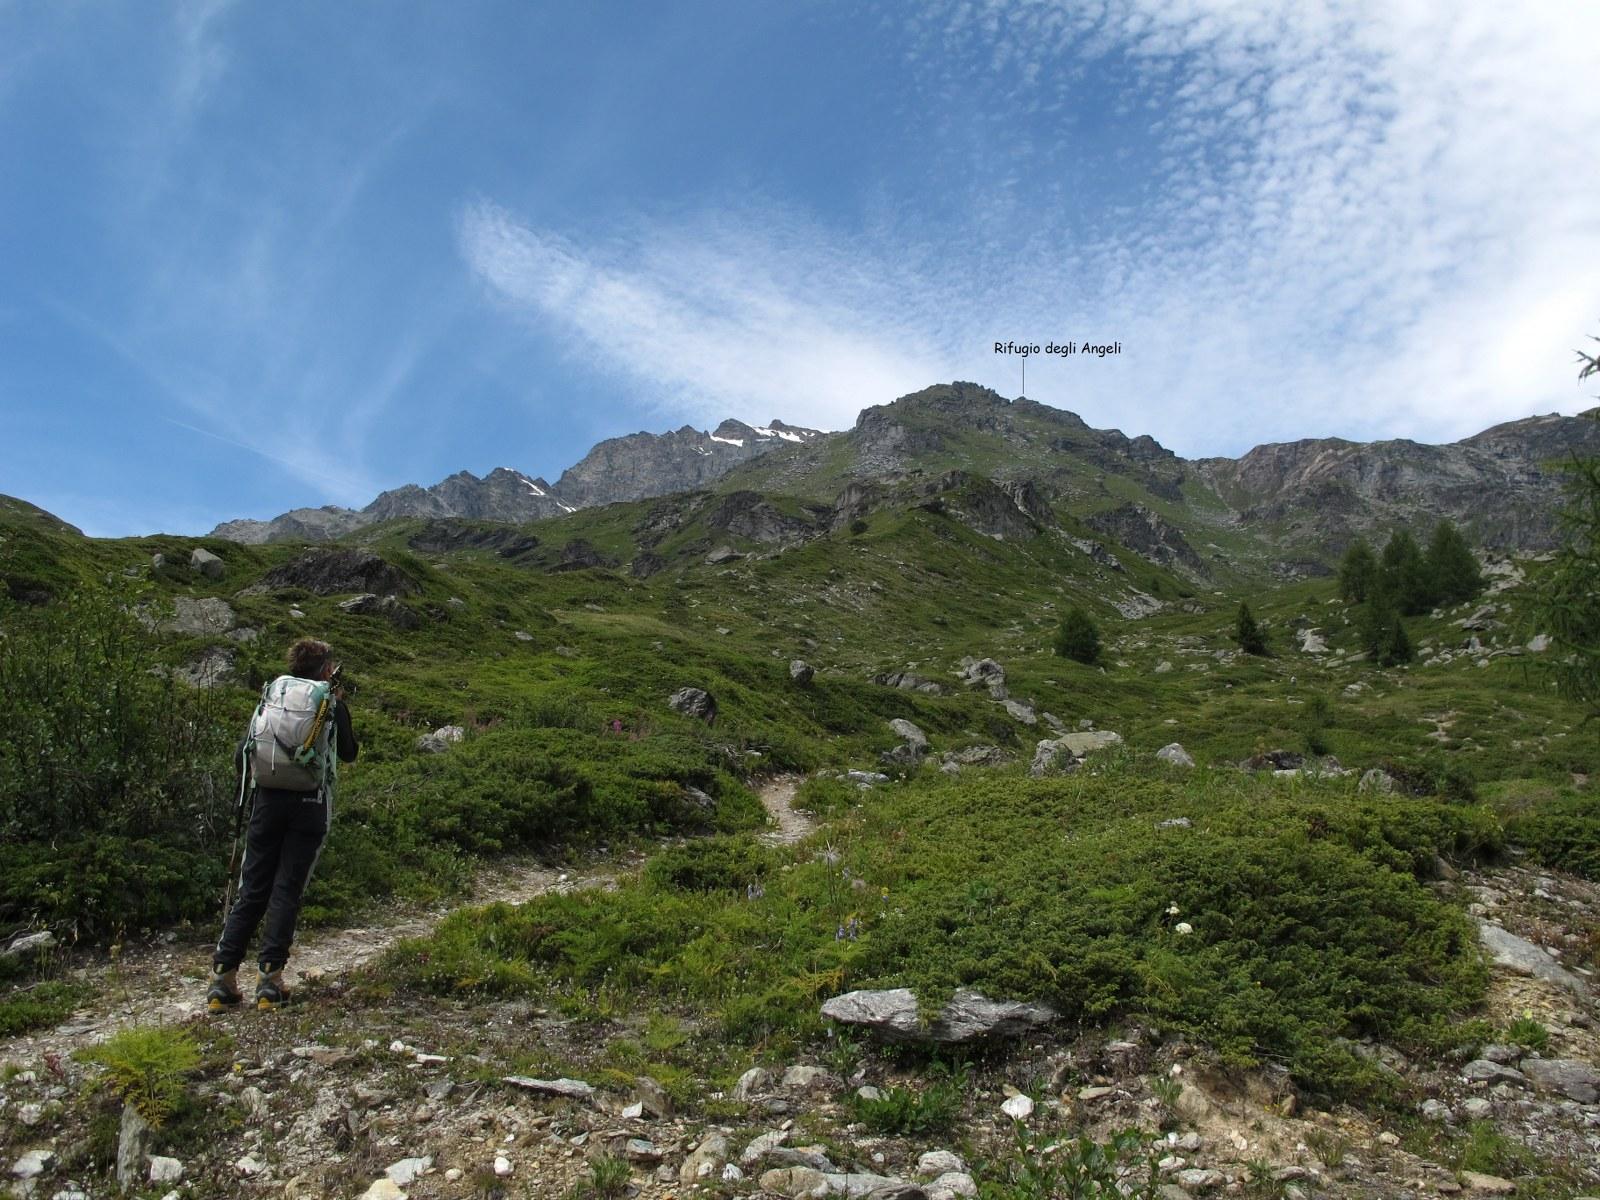 Il rifugio visto dagli alpeggi Arp Vieille